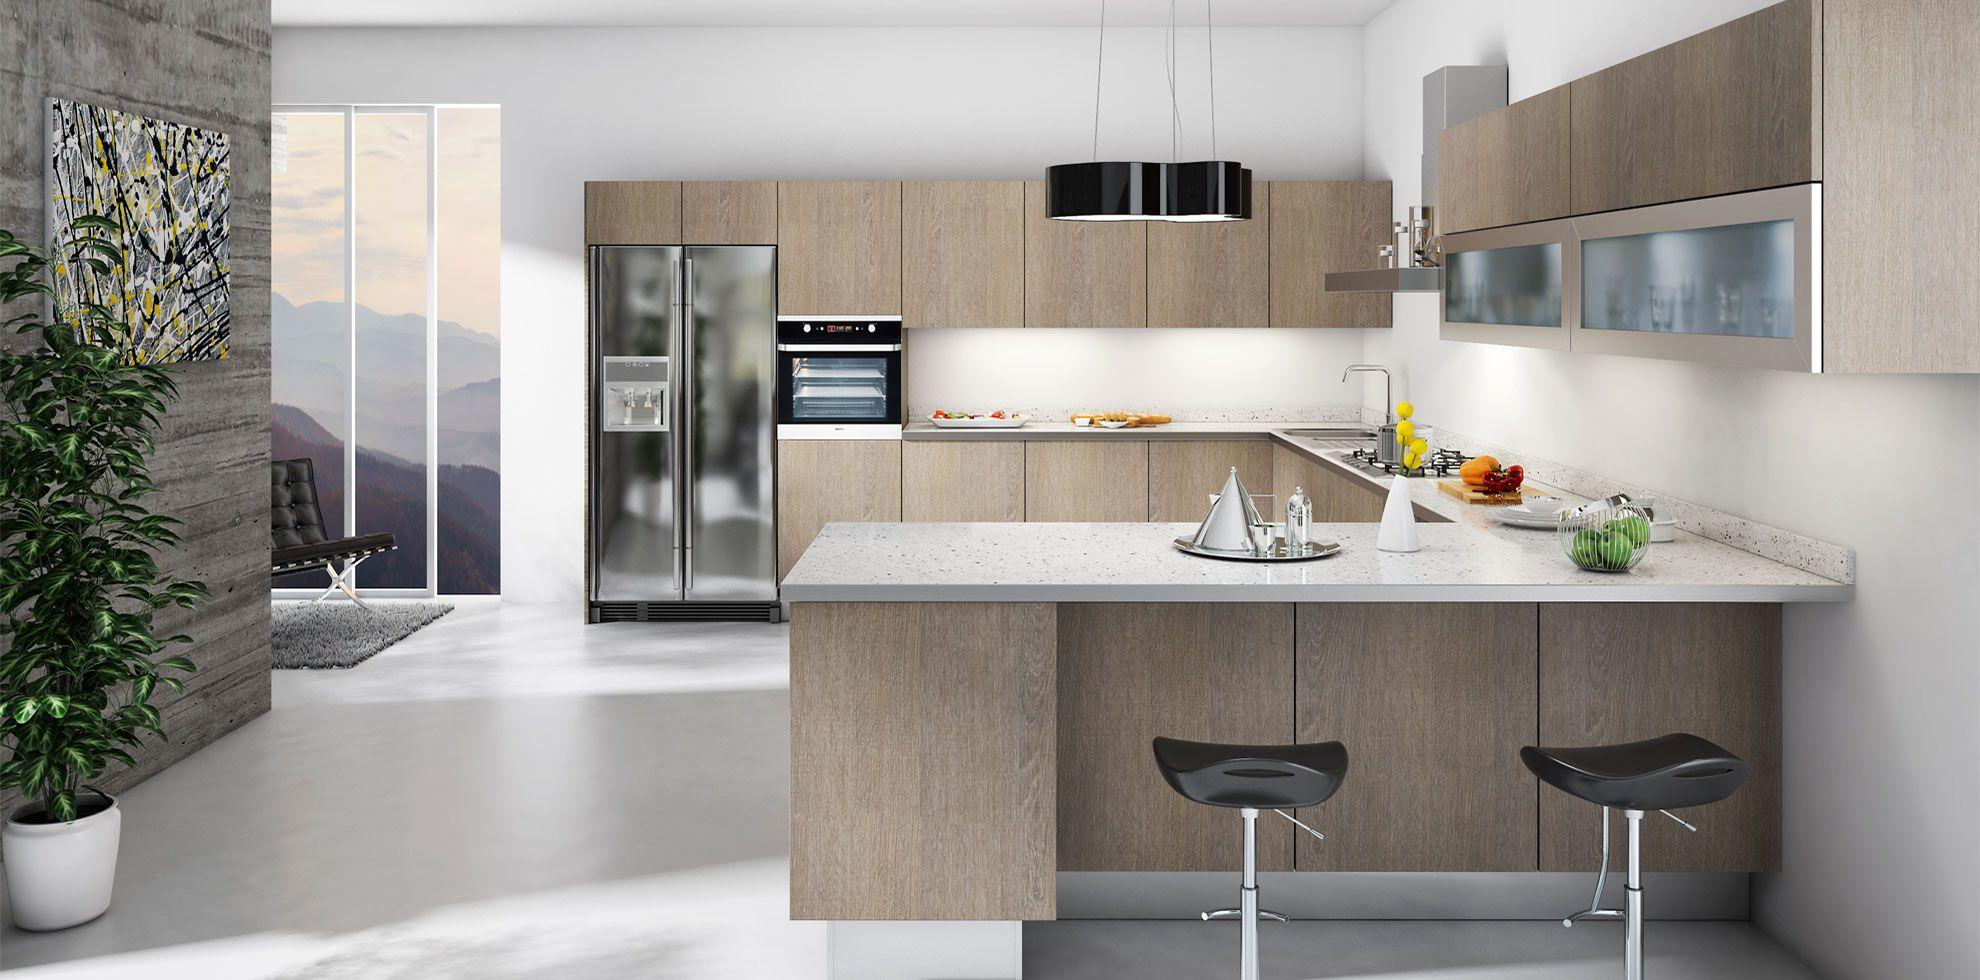 15 + modern kitchen design ideas tips | modern kitchen